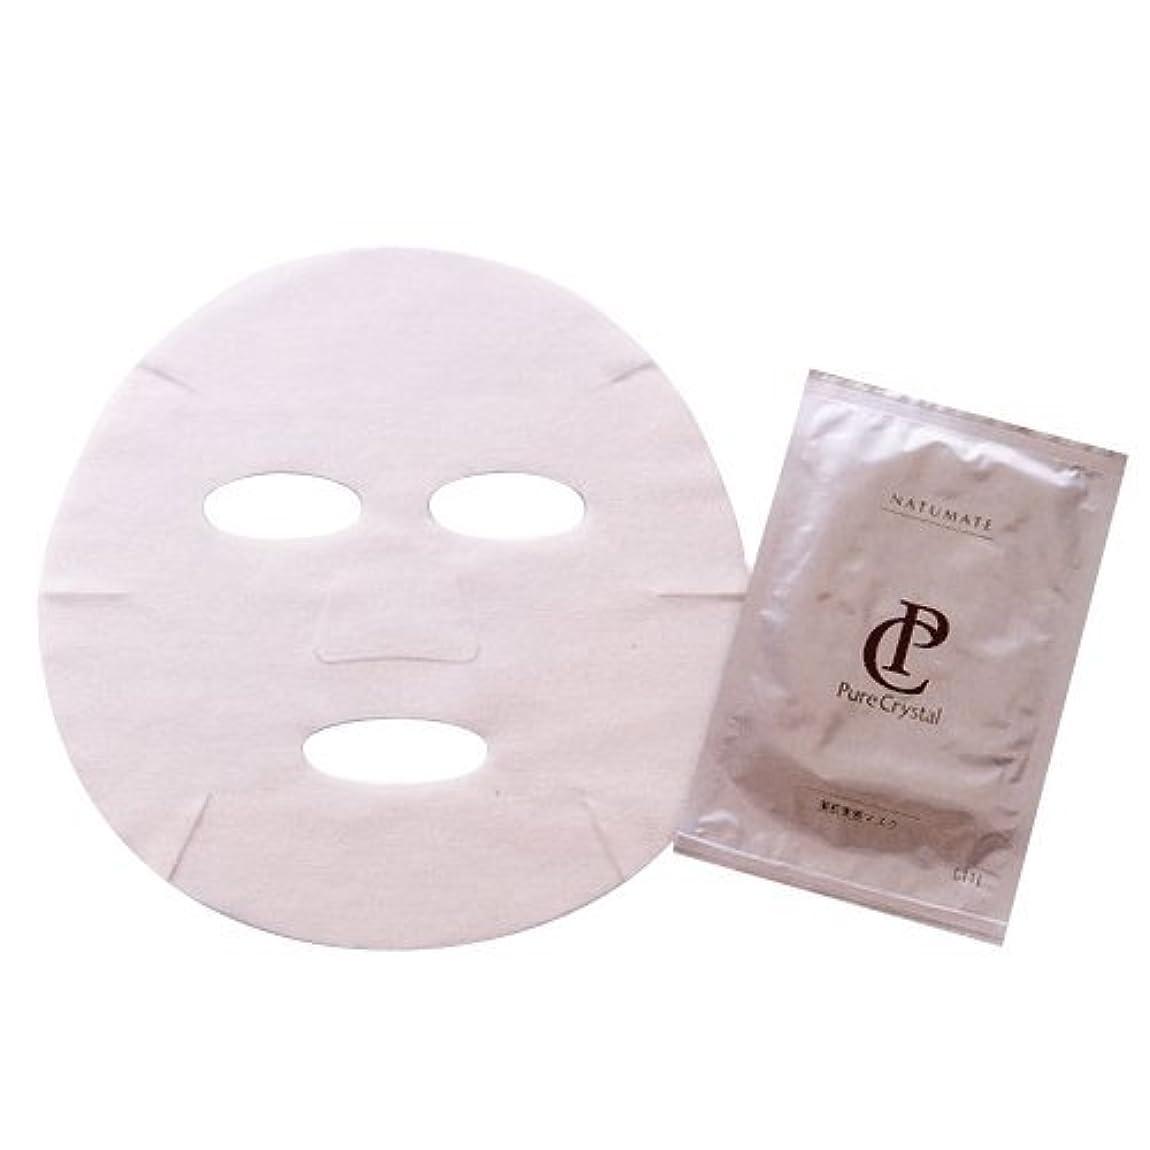 チョーク敬意シリンダーナチュメイト 美肌実感マスク【8枚入】